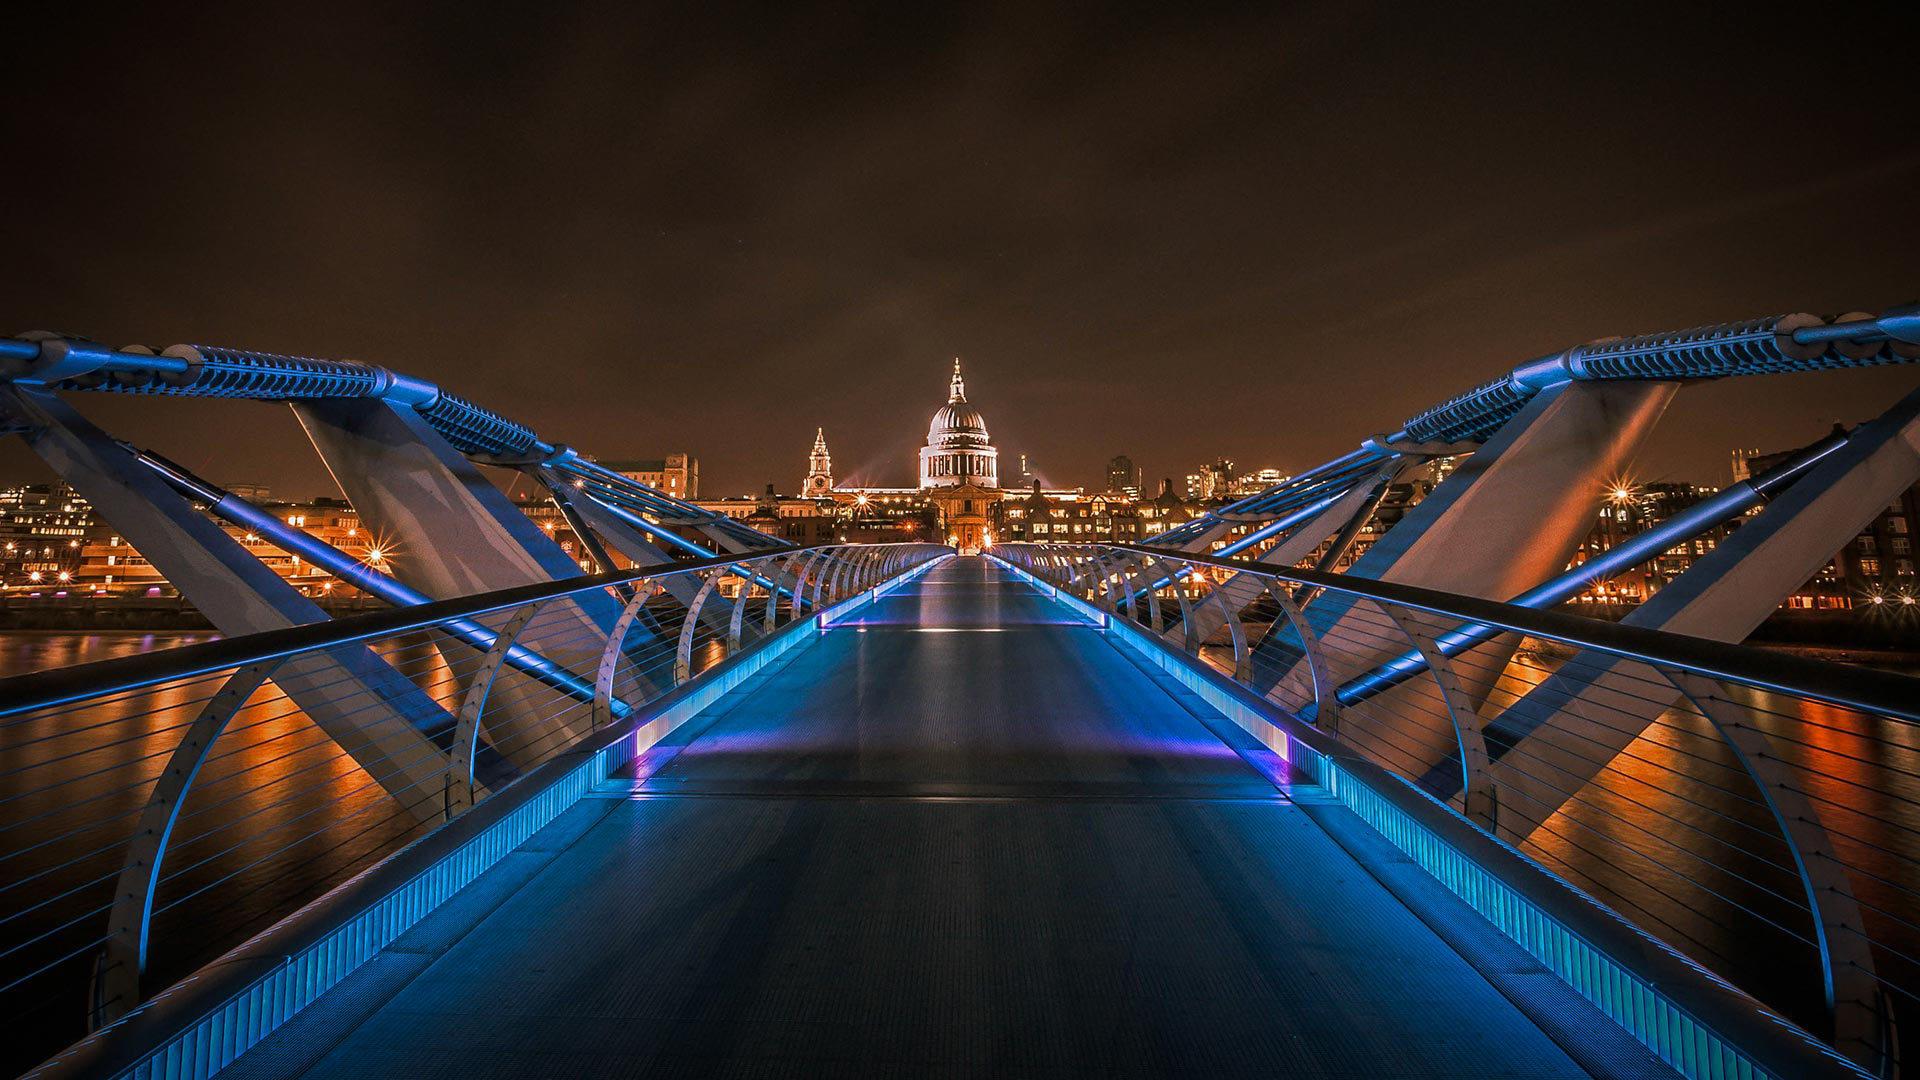 以圣保罗大教堂为背景的千禧桥千禧桥